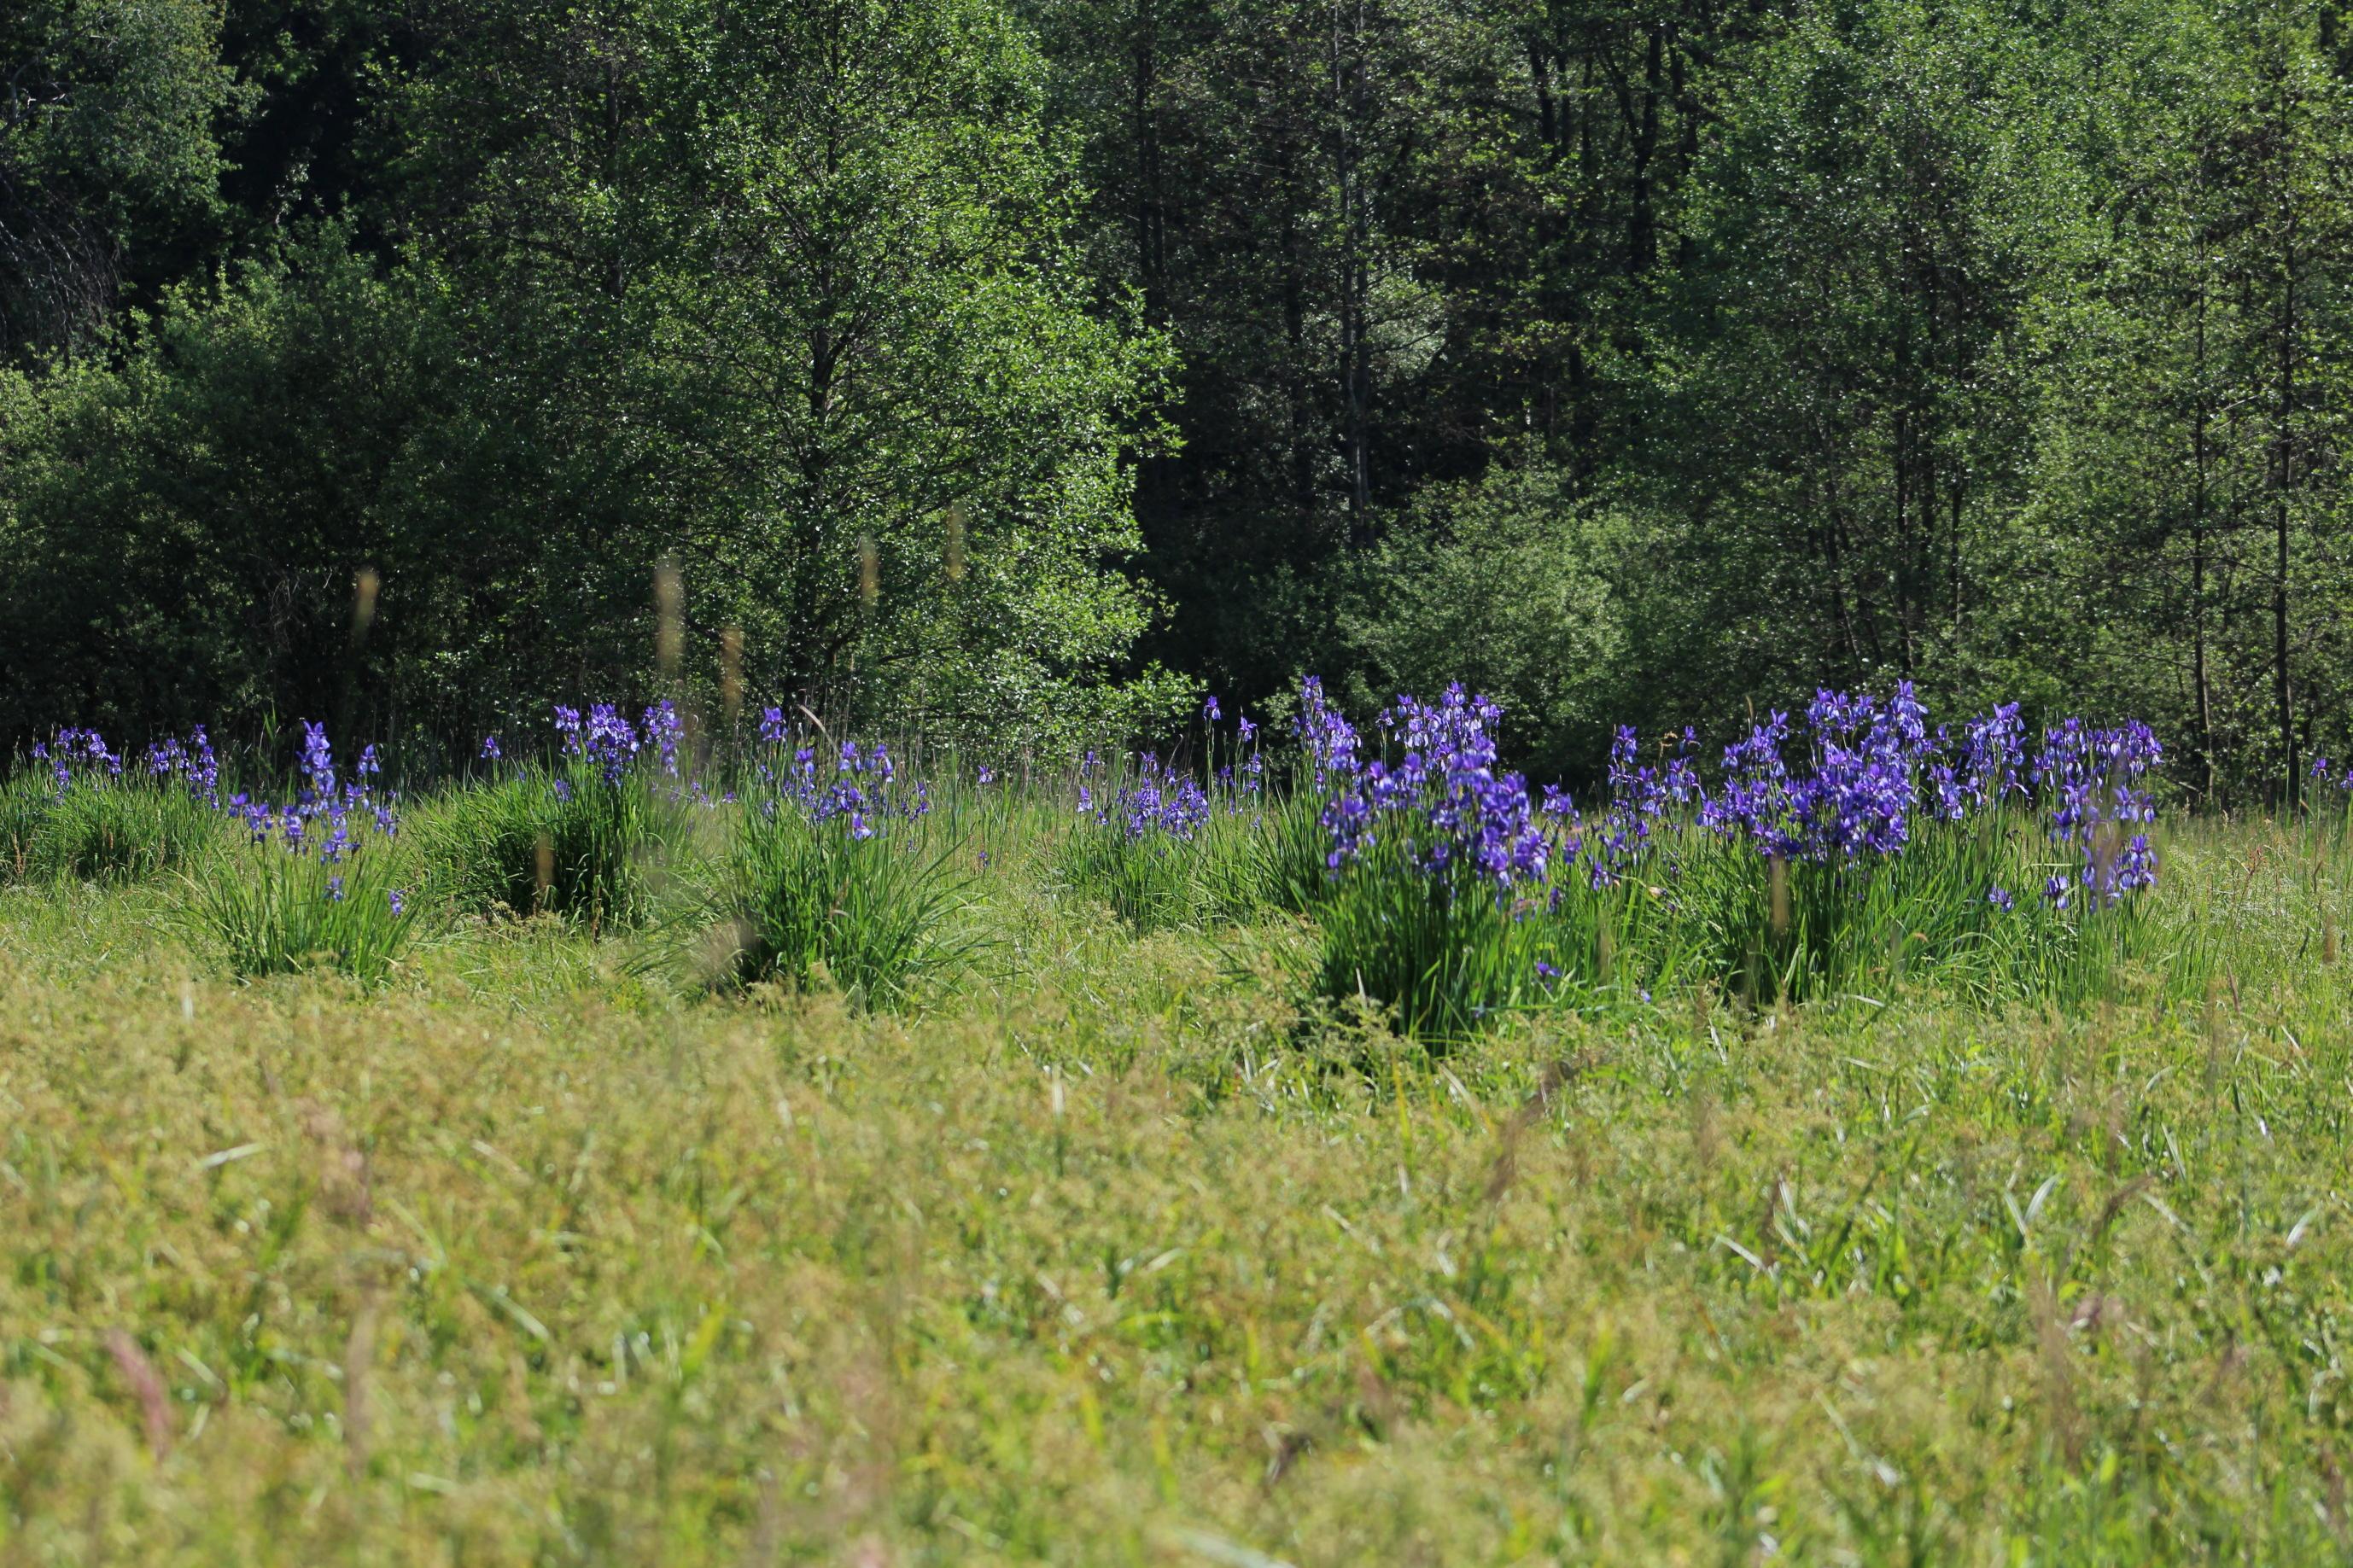 Naturschutzgebiet Wasenlöcher bei Illerberg Iris sibirica LBV Neu-Ulm